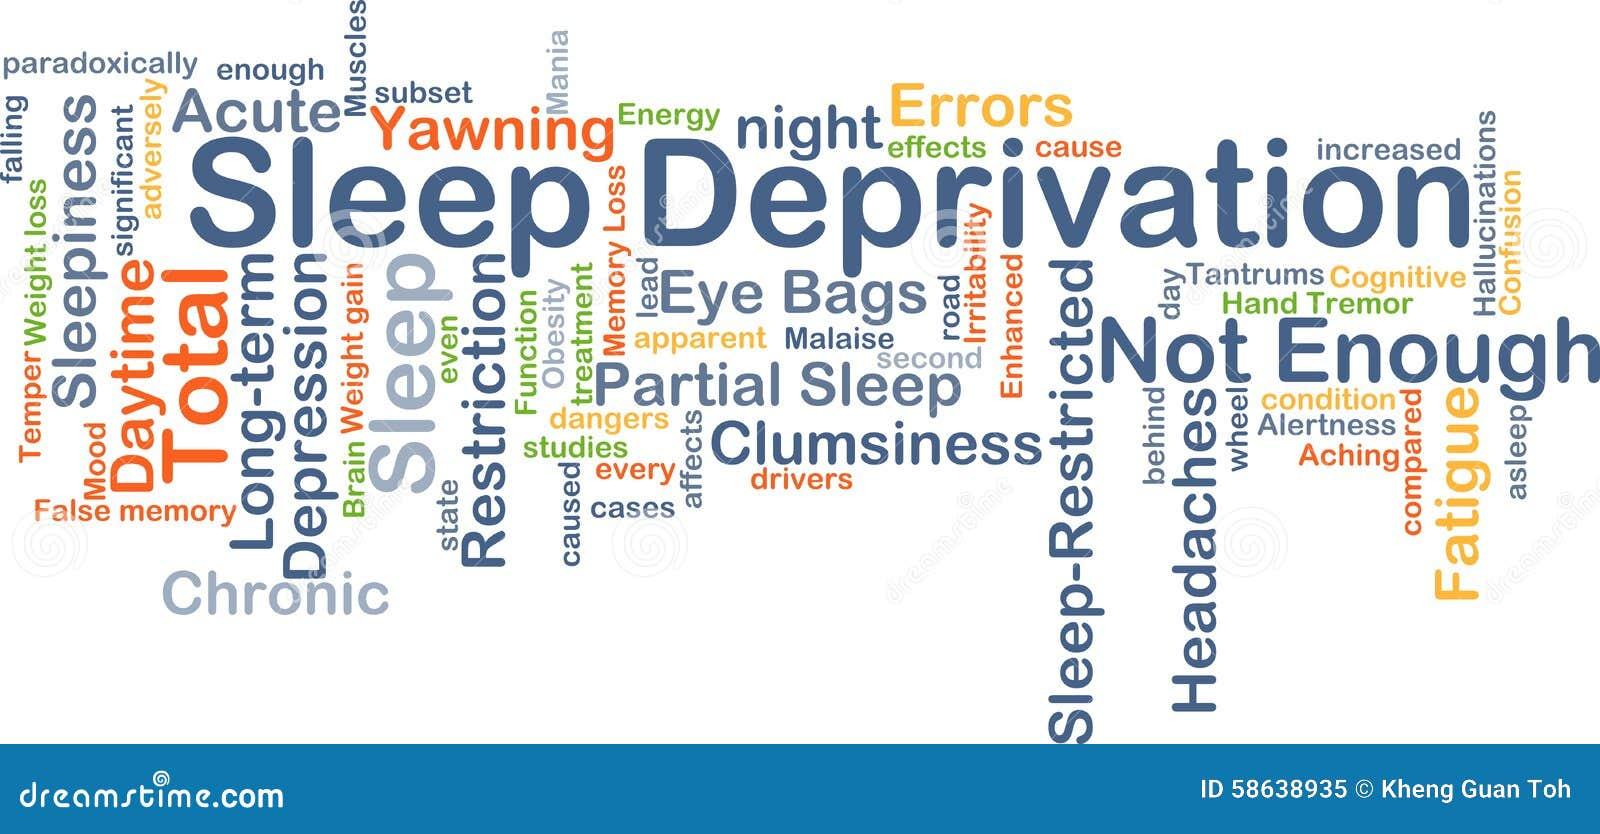 illustration essay on sleep deprivation